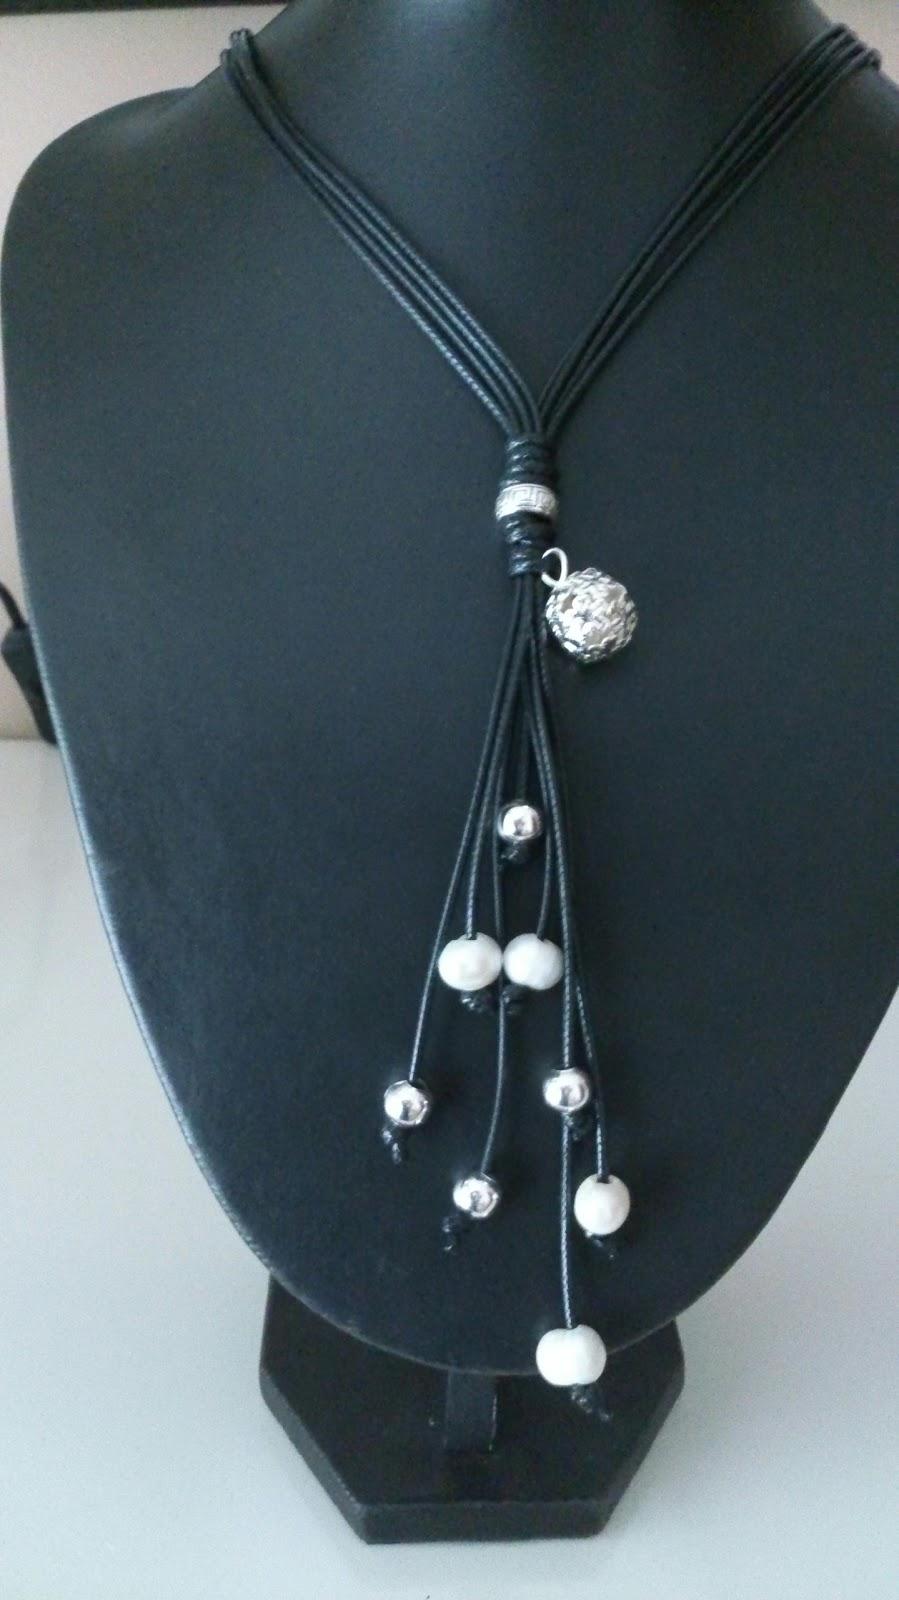 Rosa y celeste collar largo de cuero y perlas - Collares de cuero ...